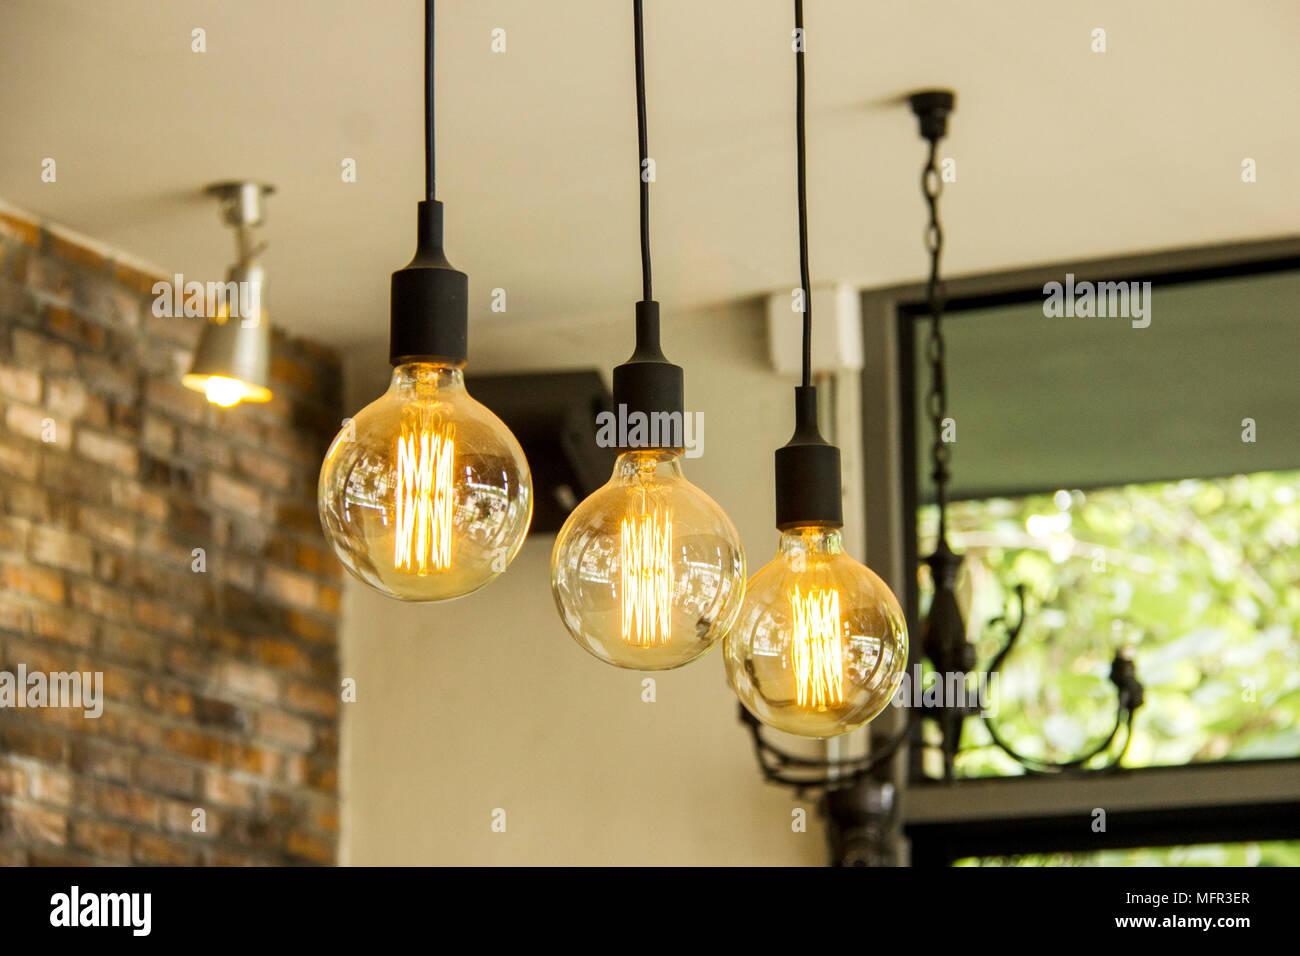 Retrò incandescente lampadine pendenti dal soffitto foto & immagine